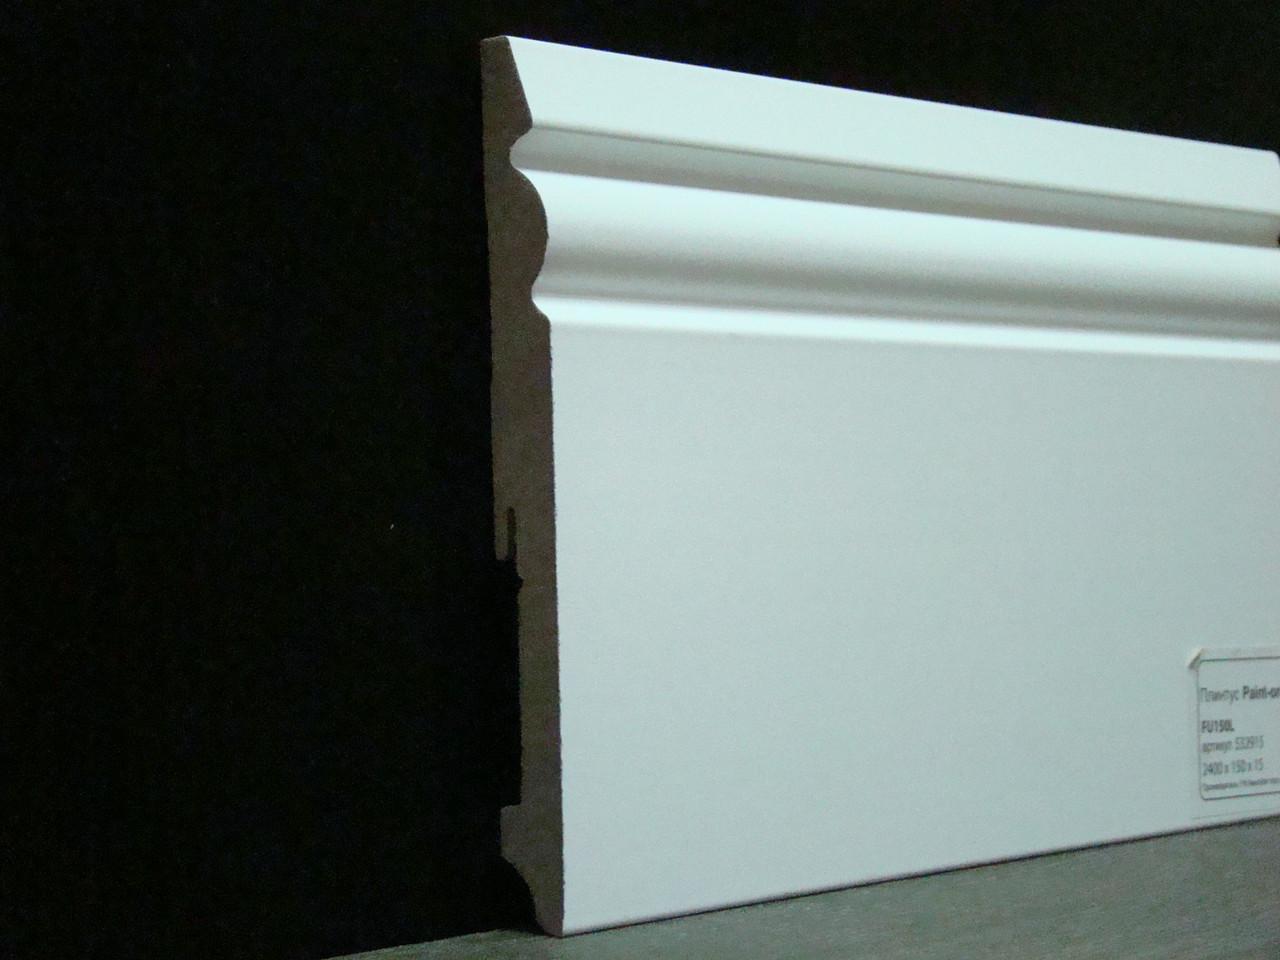 Плинтус МДФ Paint On FU150L белый 150x15x2400 мм - ДИЗМАТ в Черкассах